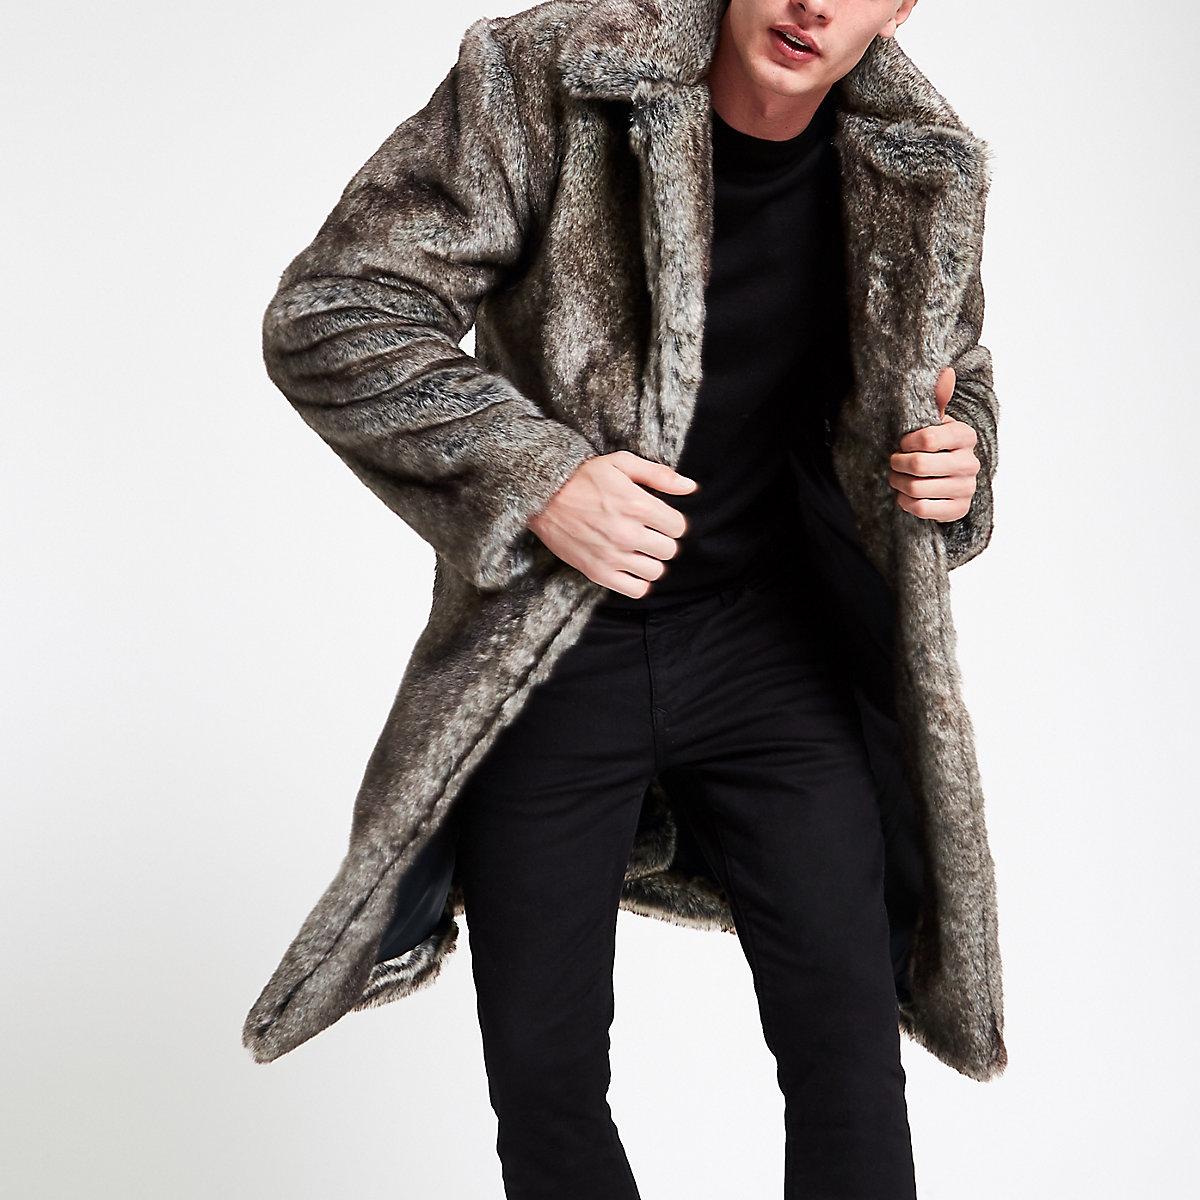 manteau long en fausse fourrure grise vestes manteaux. Black Bedroom Furniture Sets. Home Design Ideas